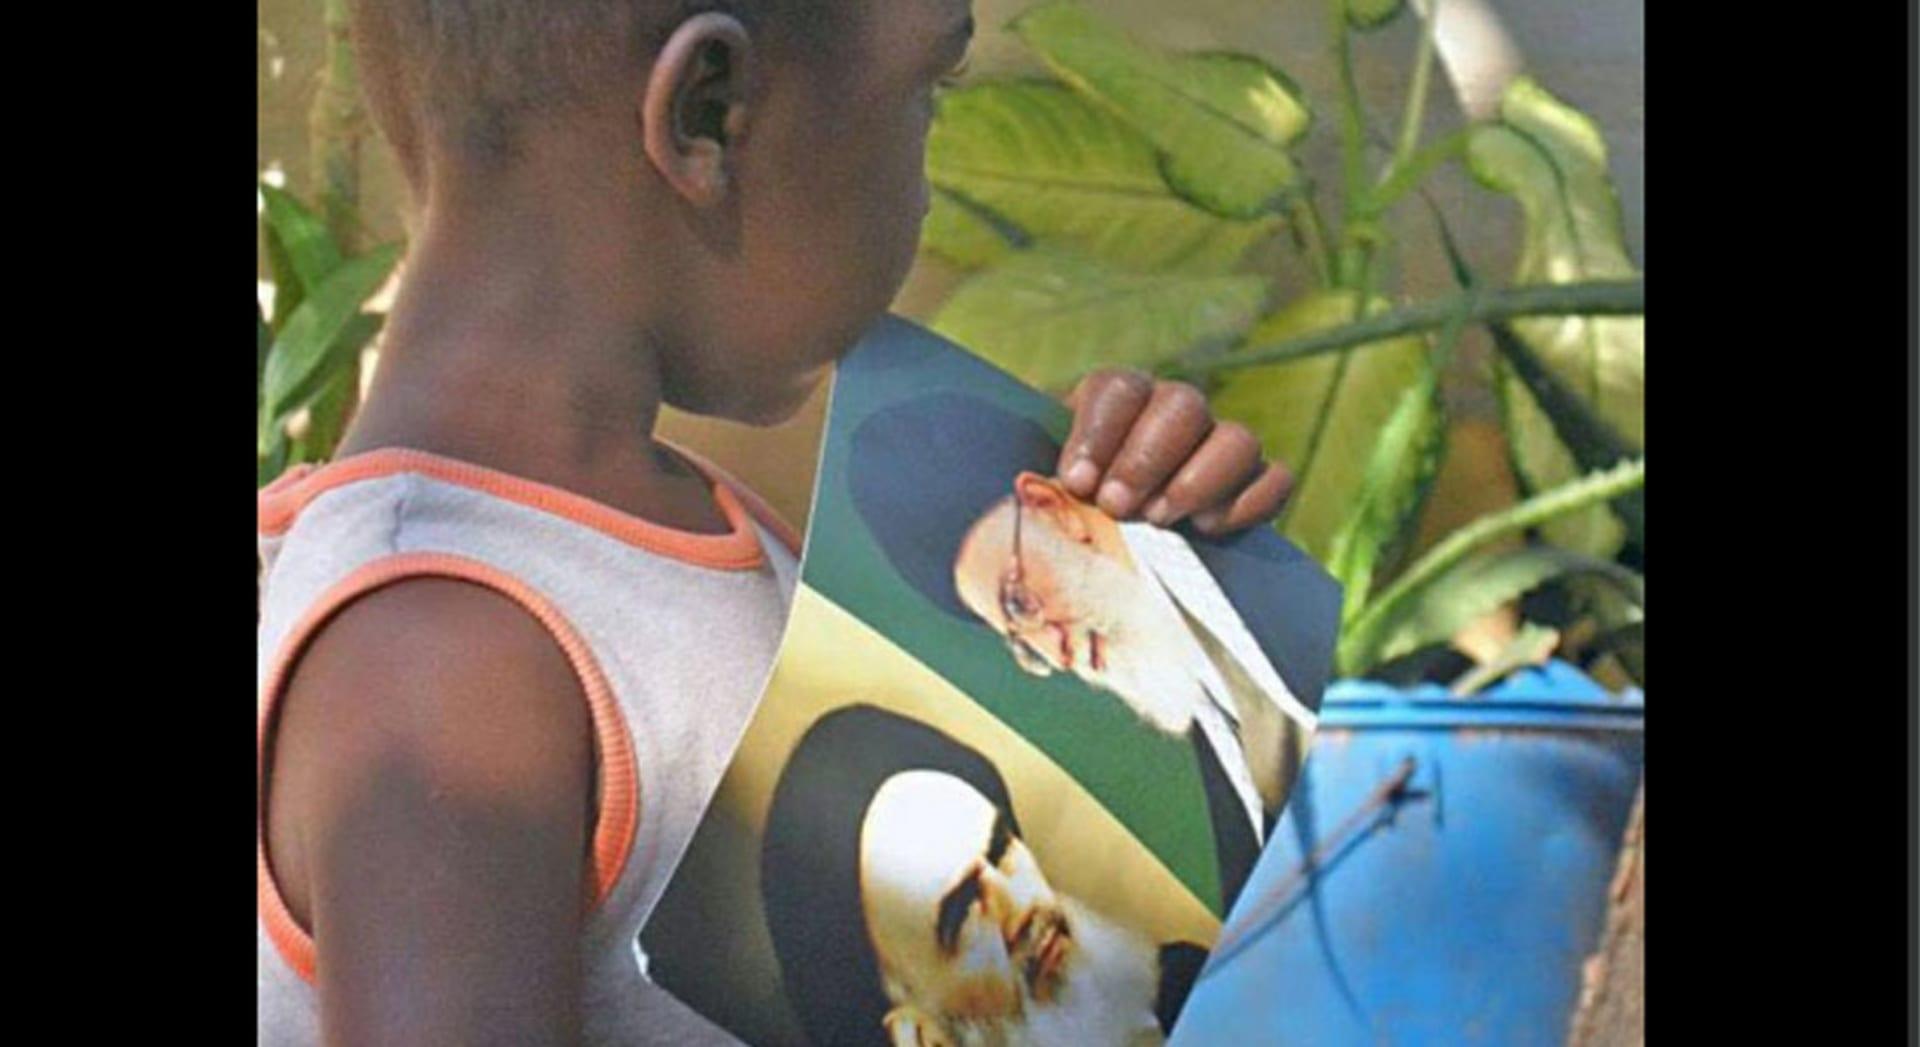 العريفي يعلق على صورة لطفل أفريقي يرفع صورة الخميني: غدا يرفعون السلاح